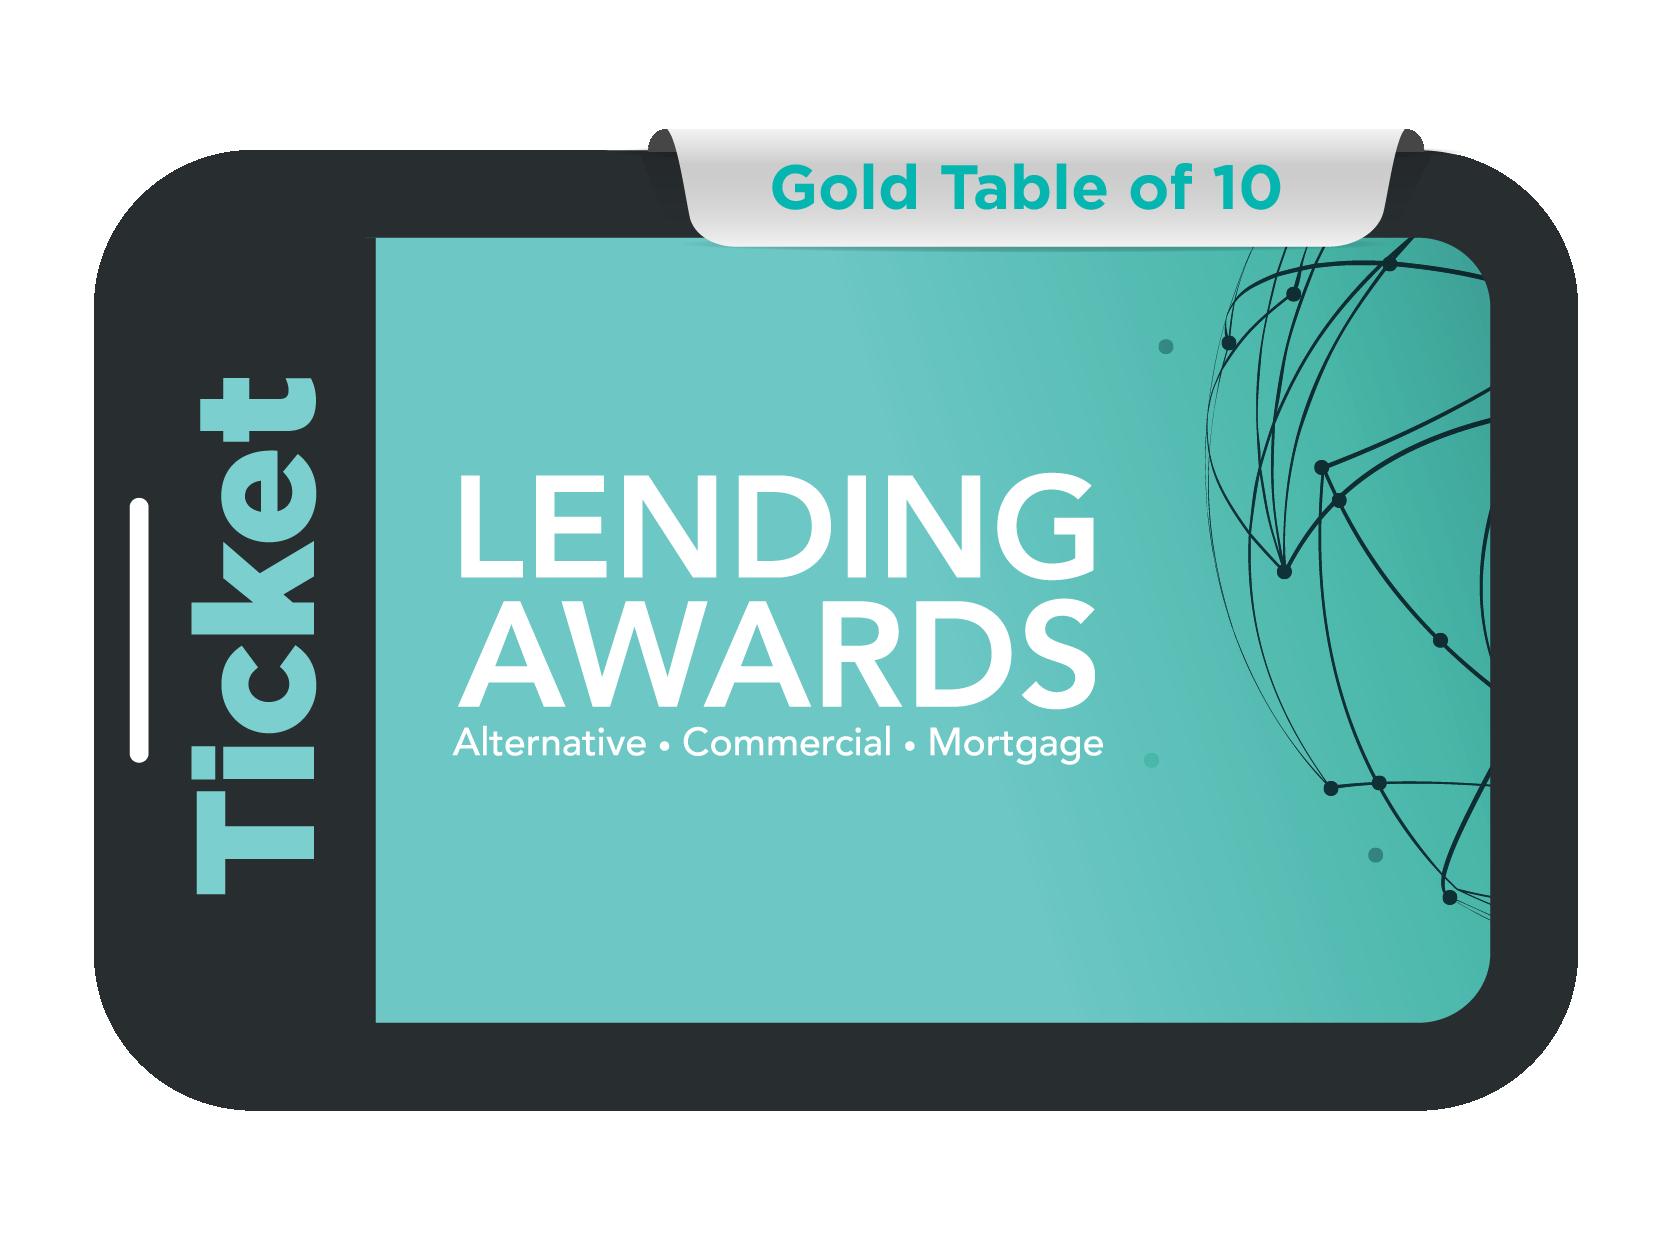 Gold Table of 10 - Lending Awards 2021